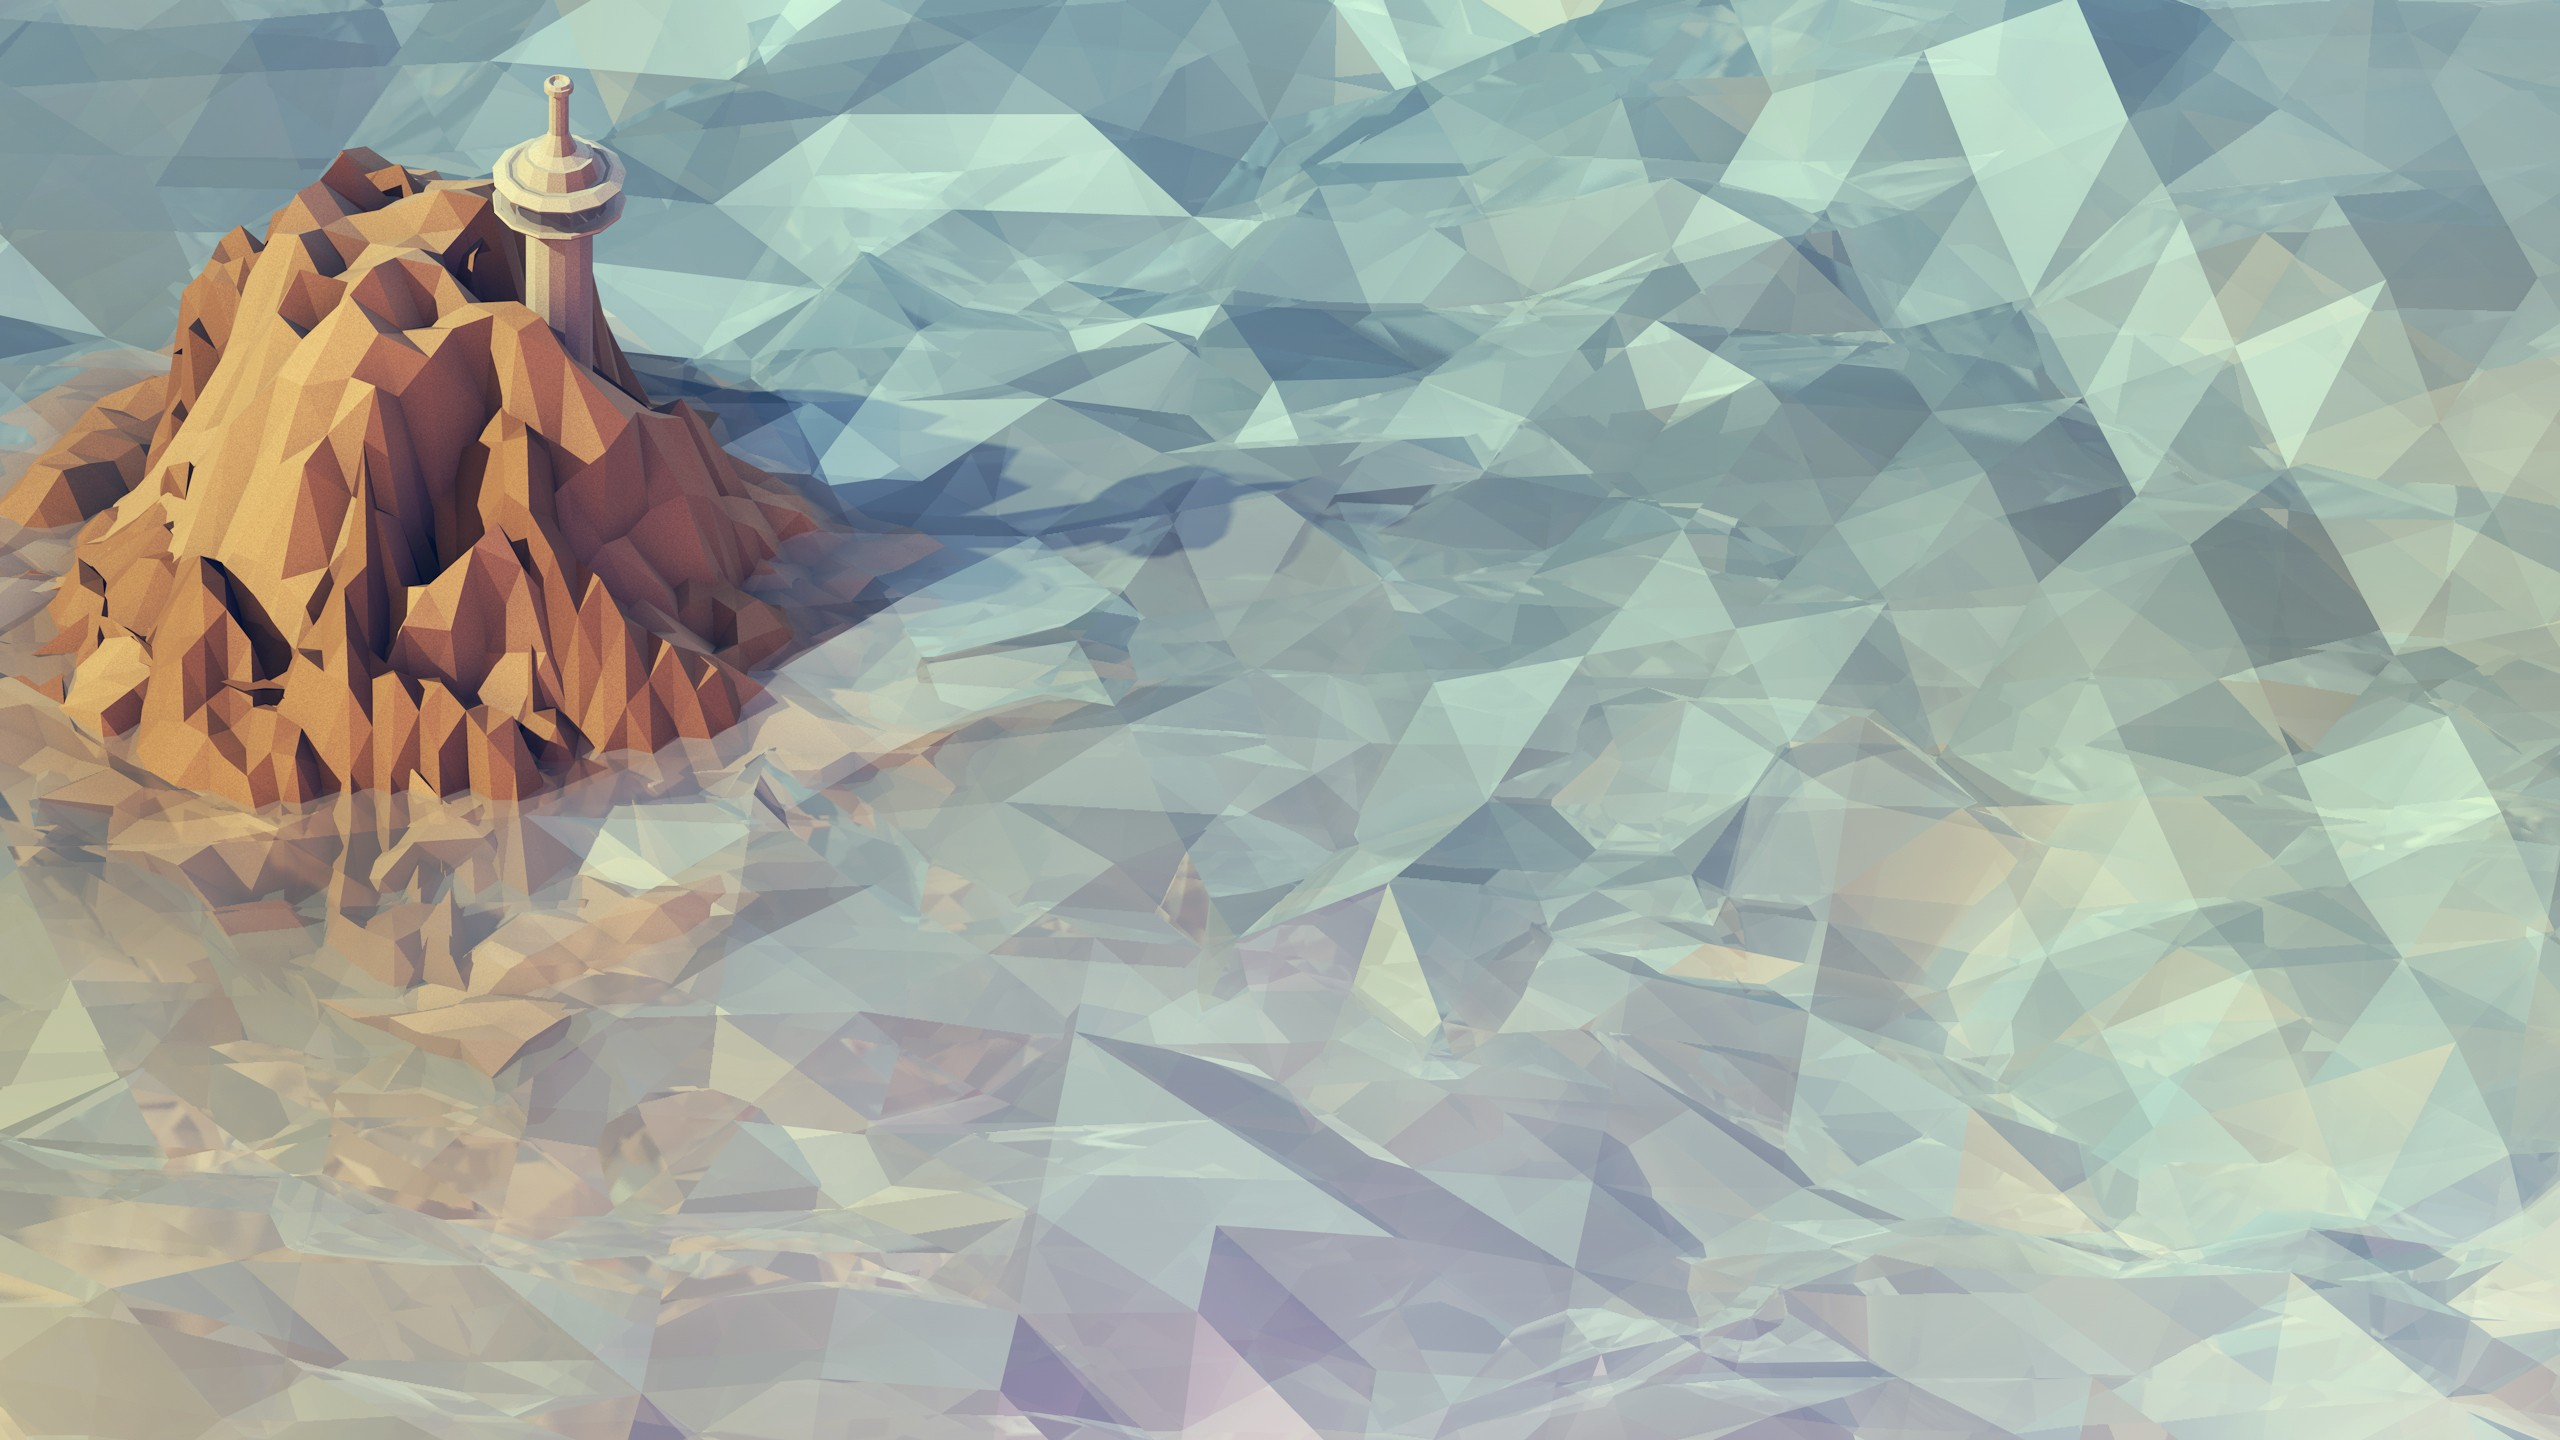 материальный дизайн горы коричнево-серый  № 3216641 бесплатно